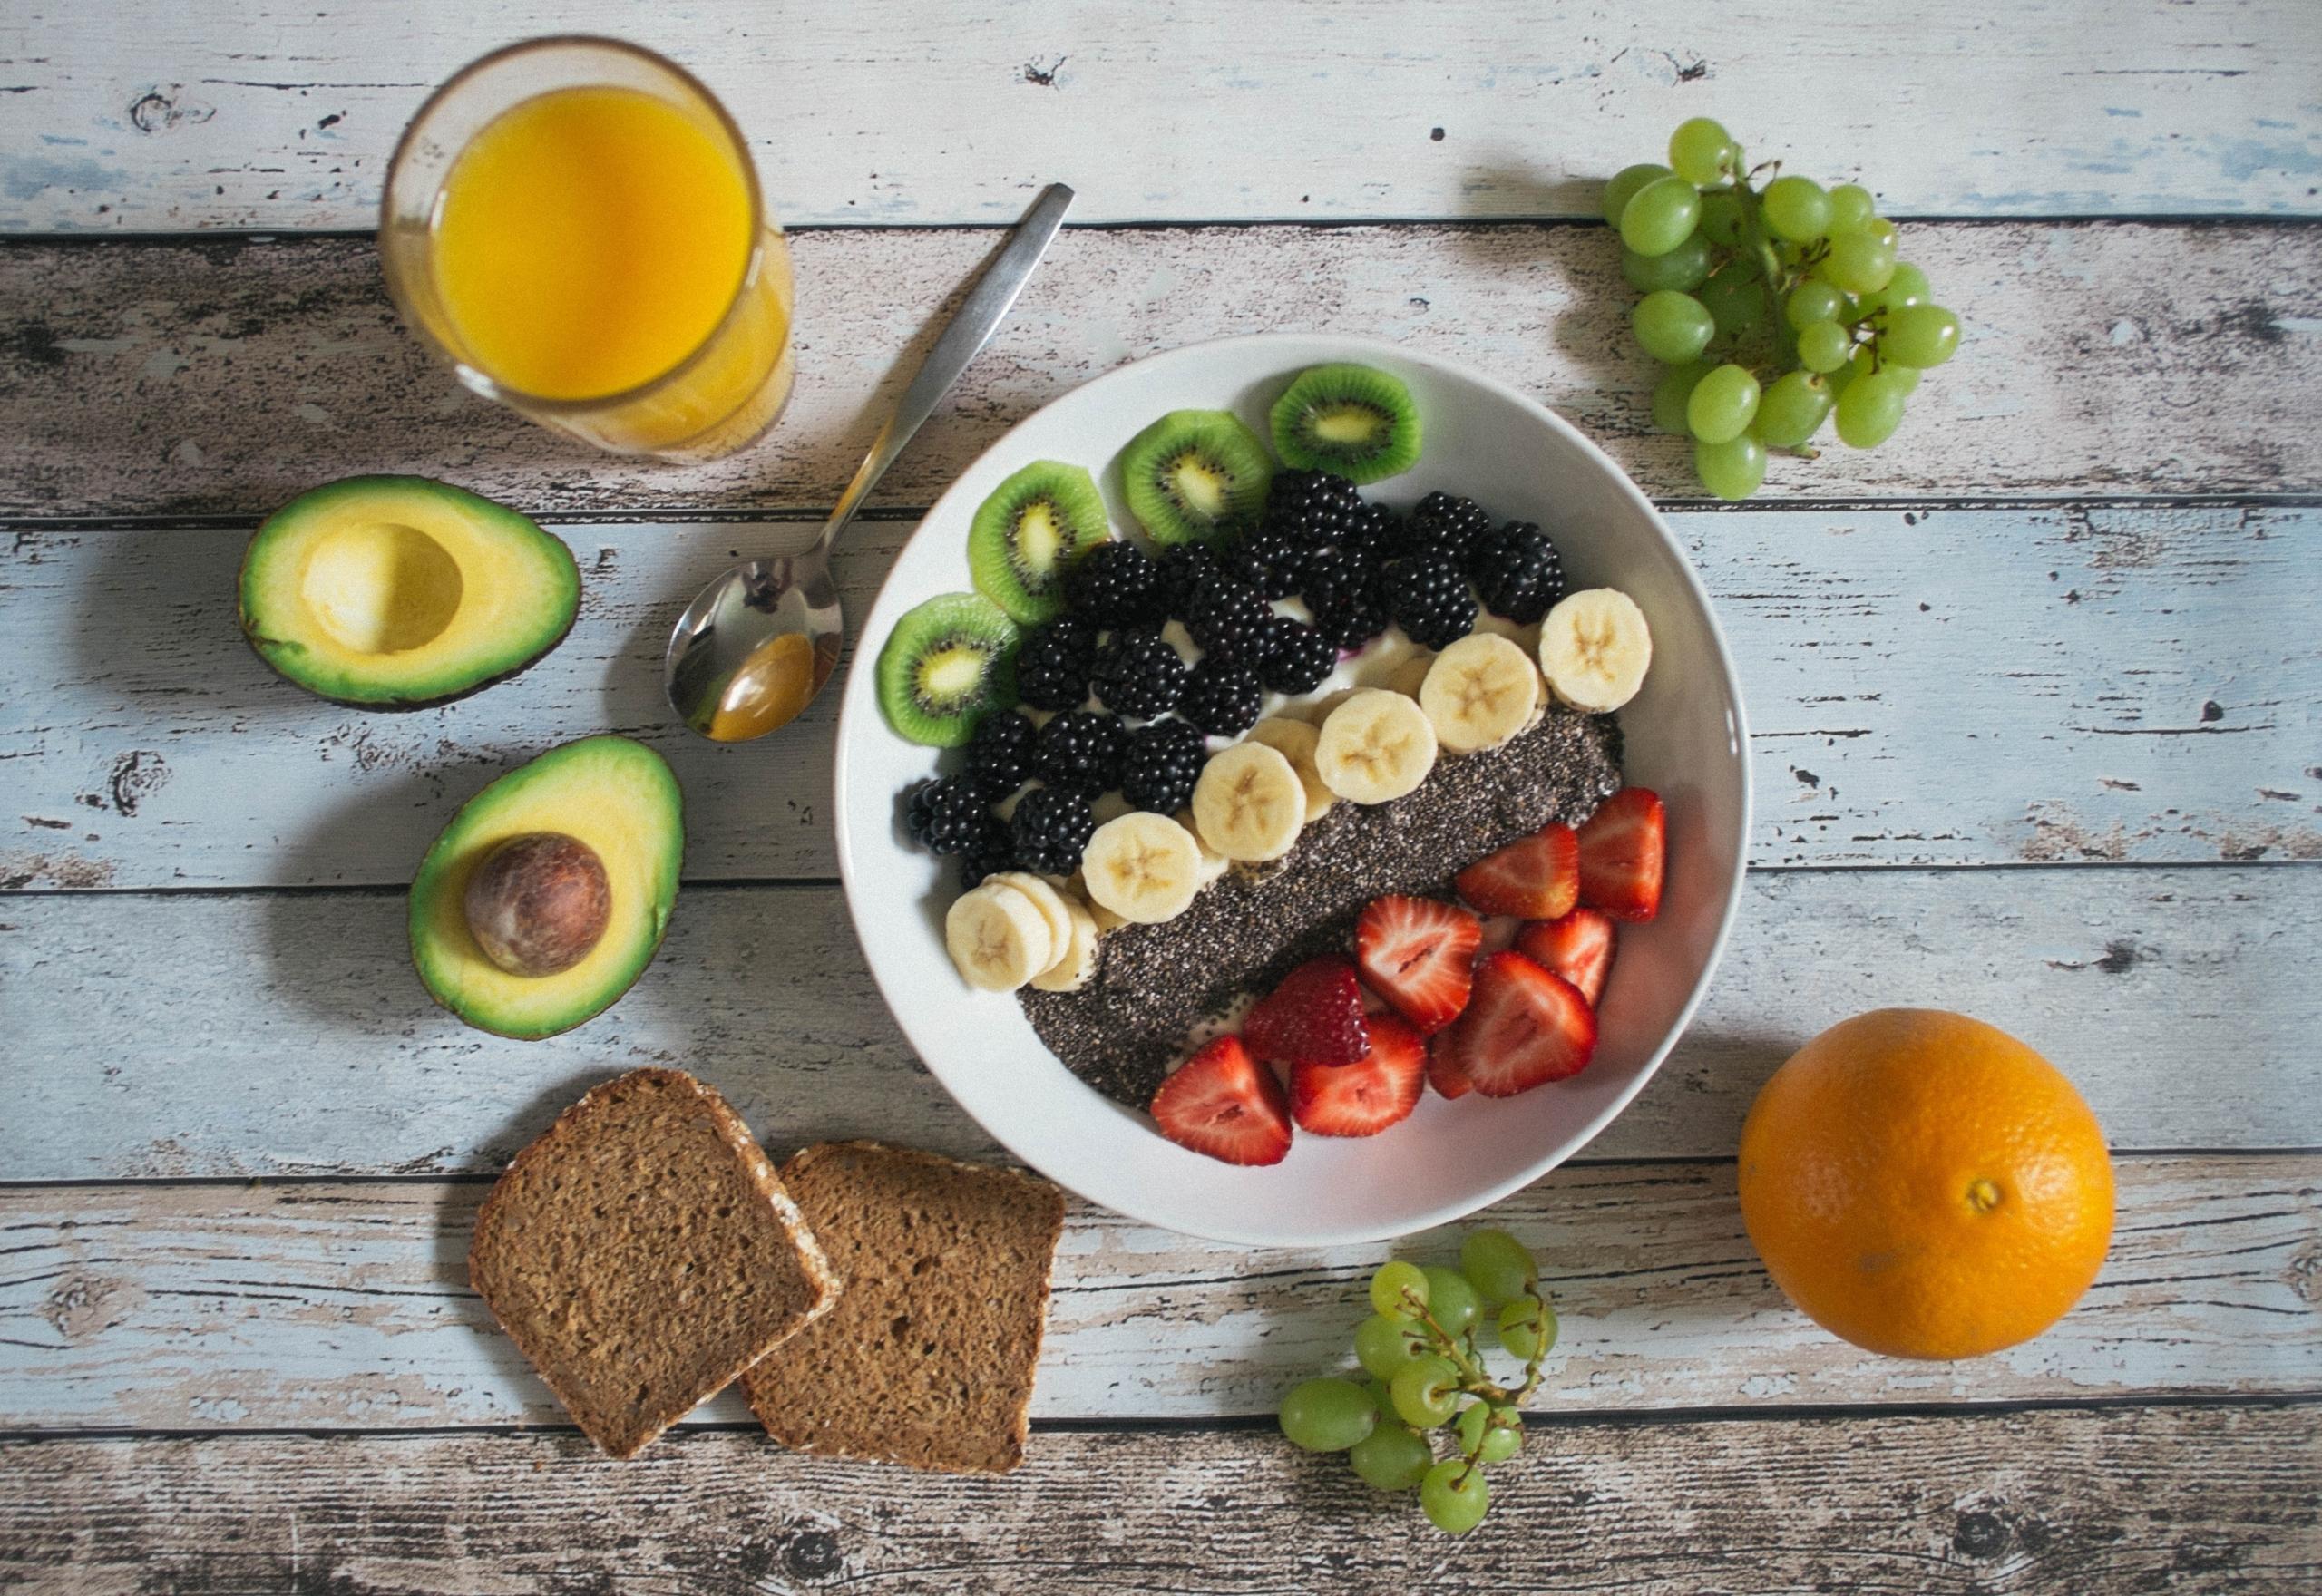 5 ideas de desayunos sanos y deliciosos 1